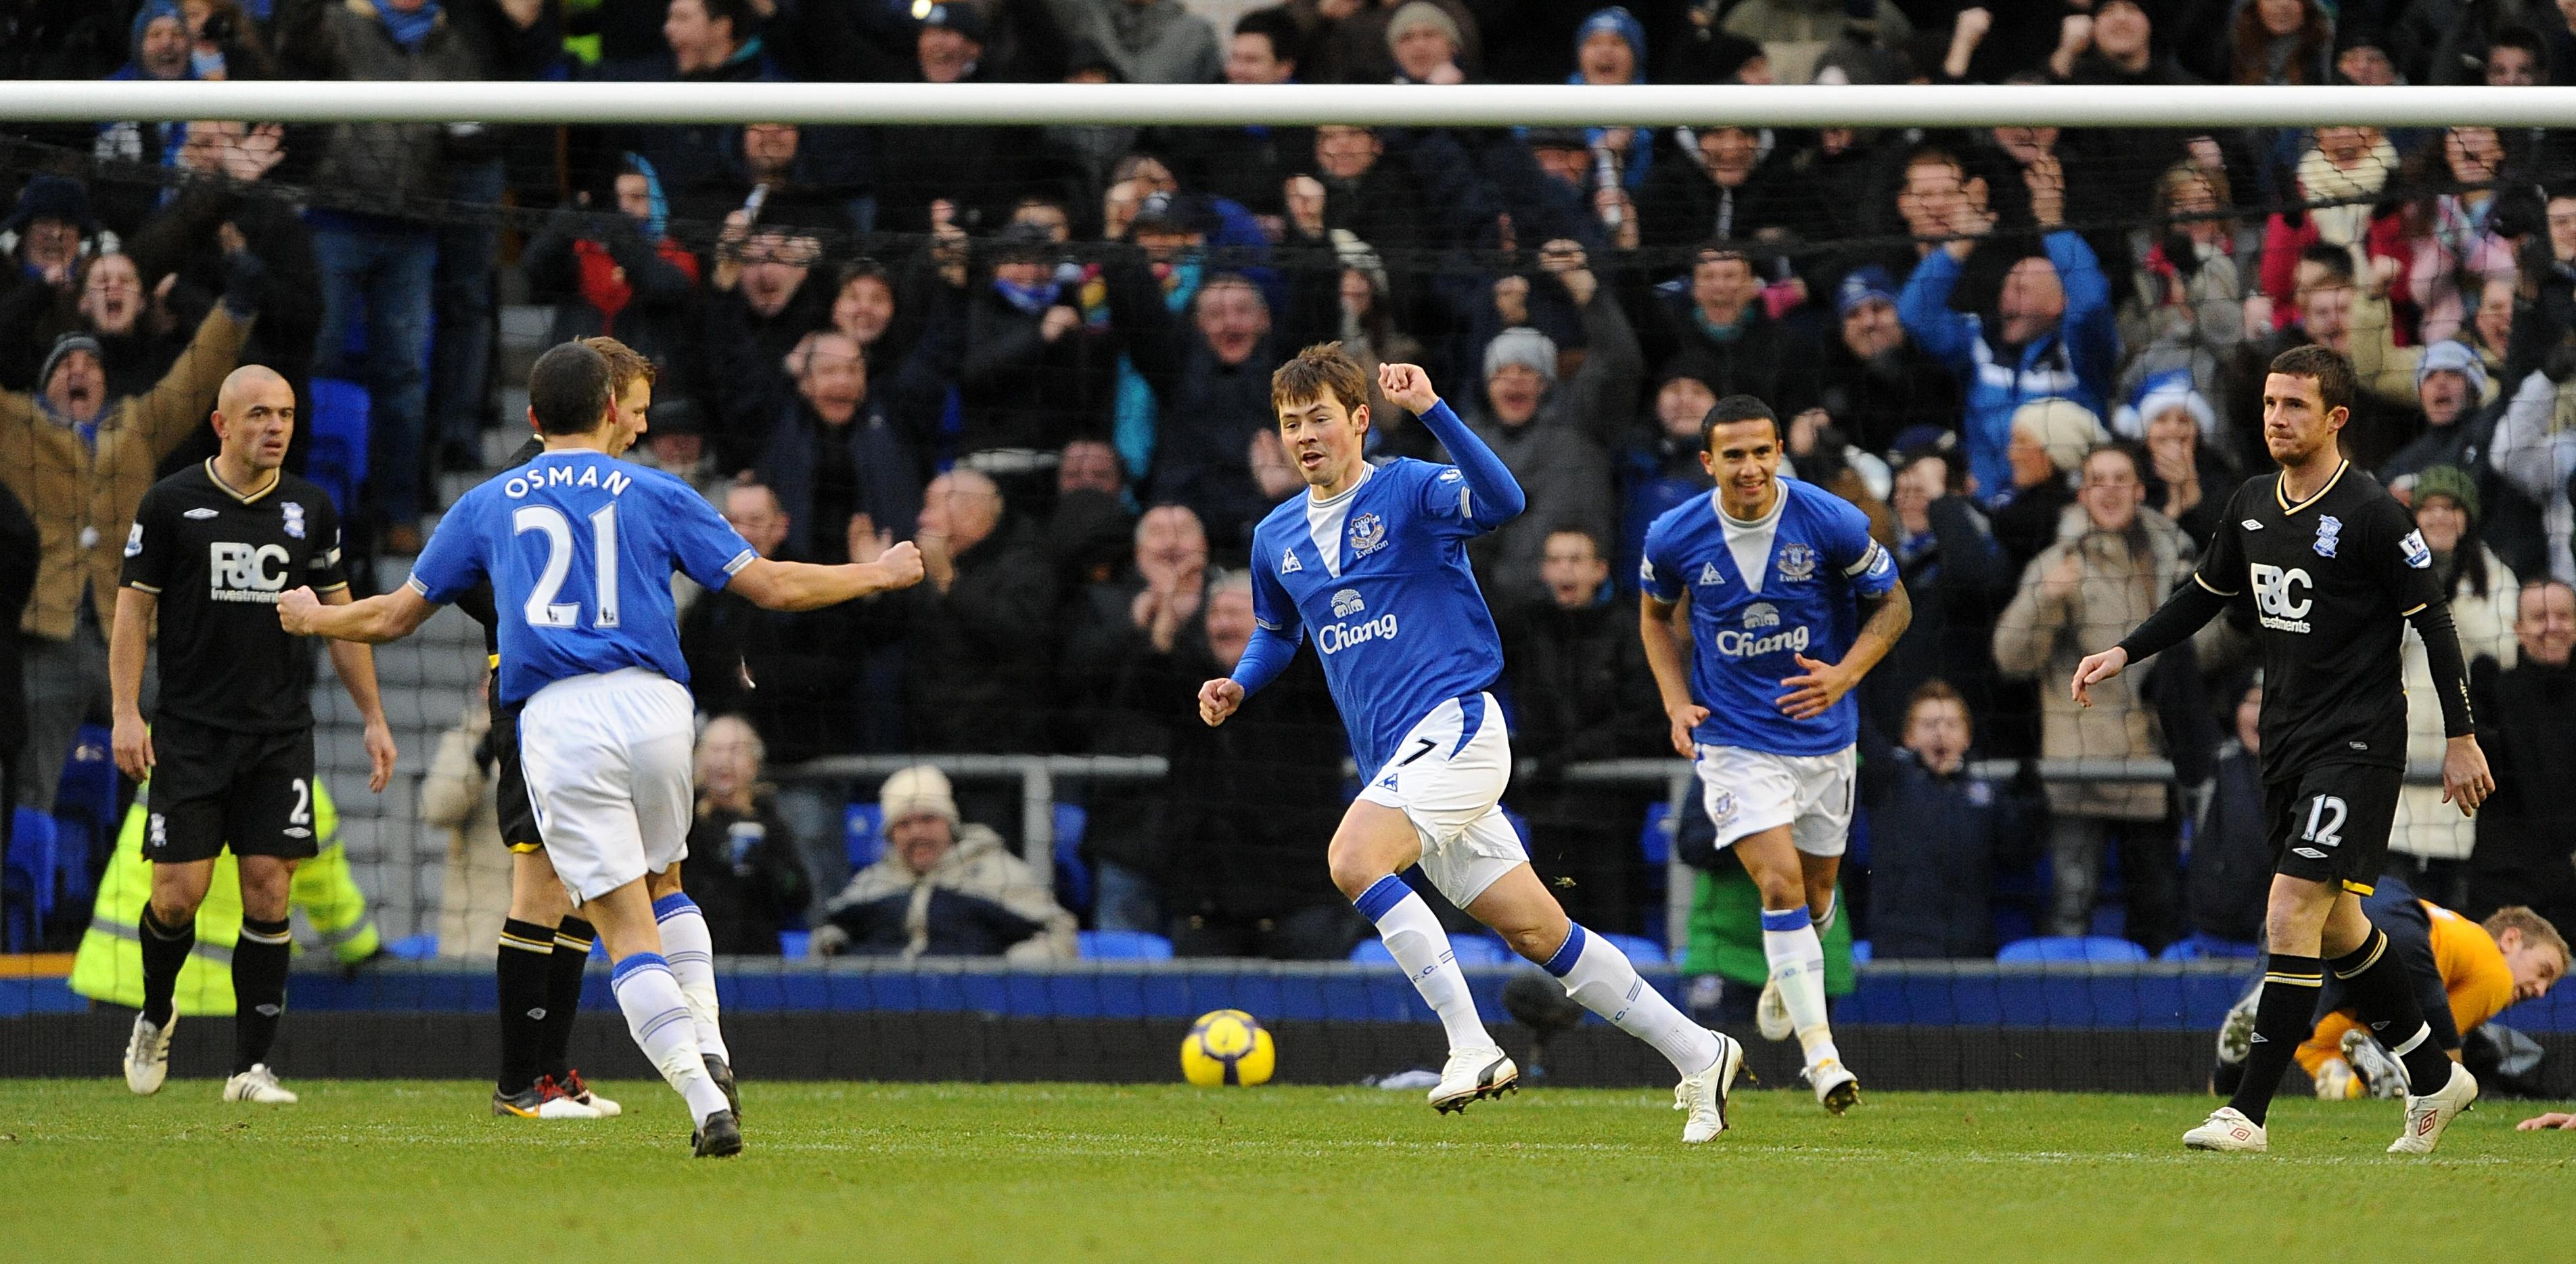 Soccer - Barclays Premier League - Everton v Birmingham City - Goodison Park